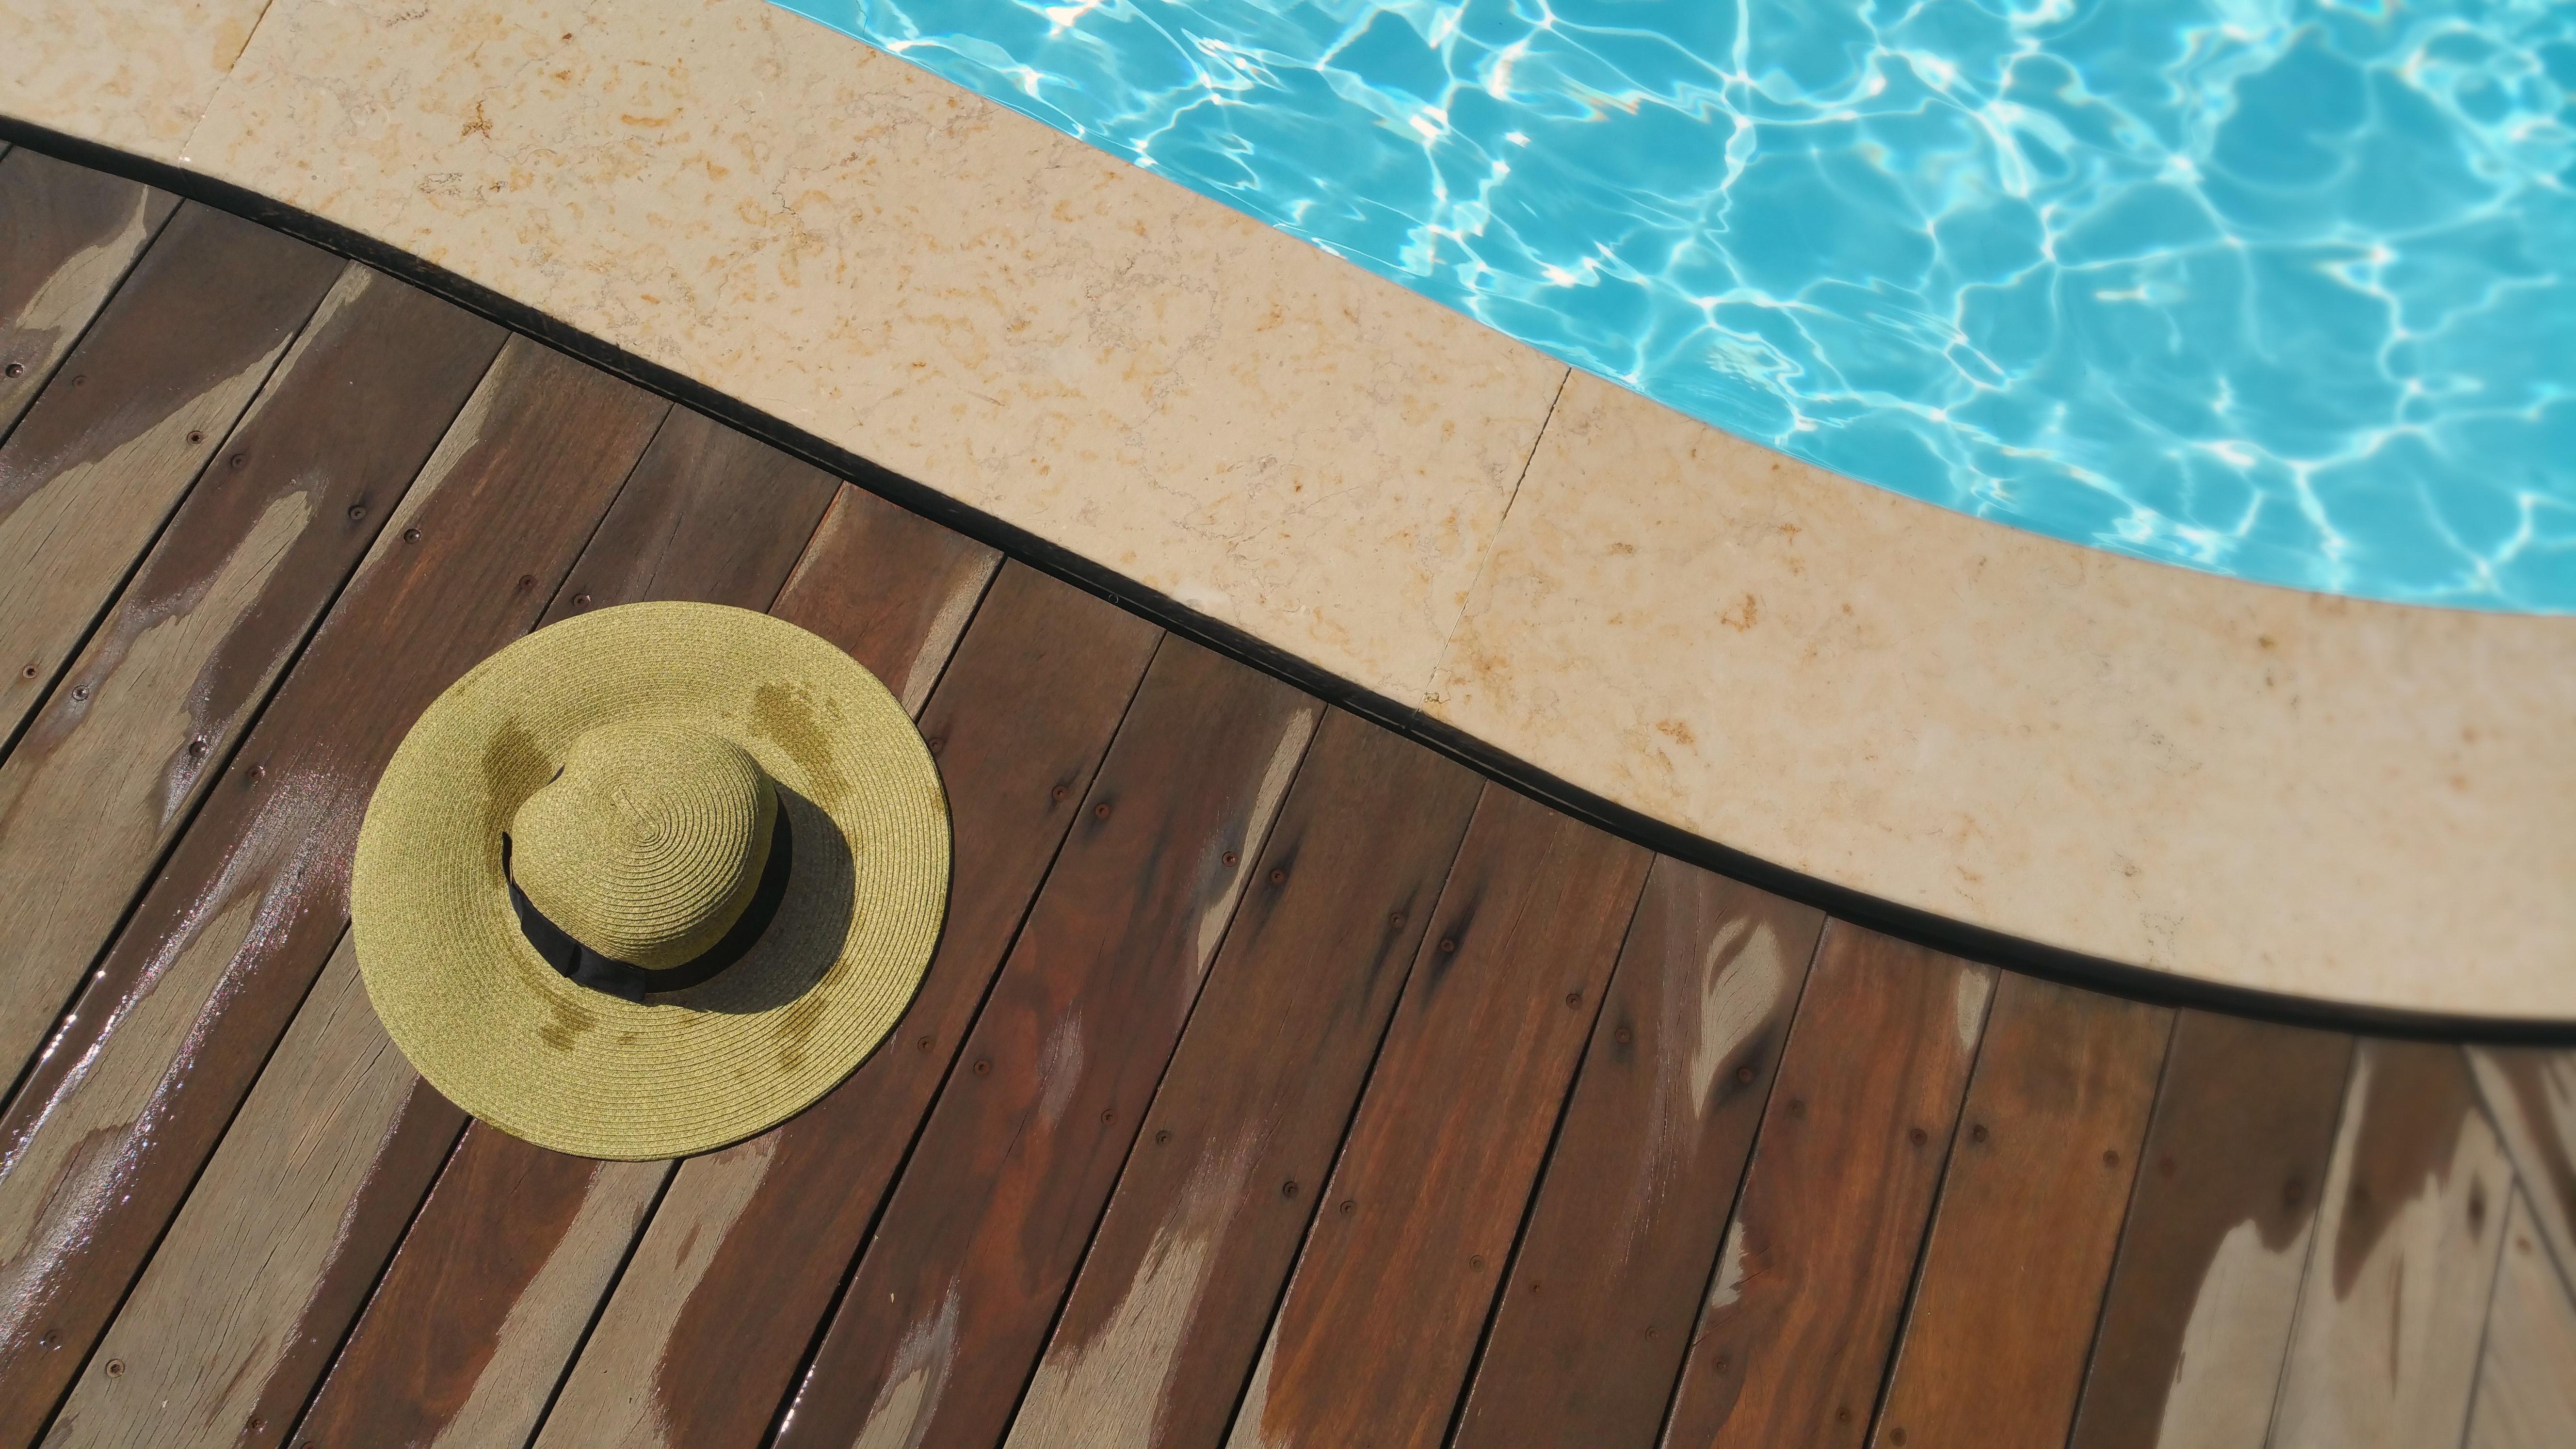 Peut on se baigner pendant l'entretien de la piscine?